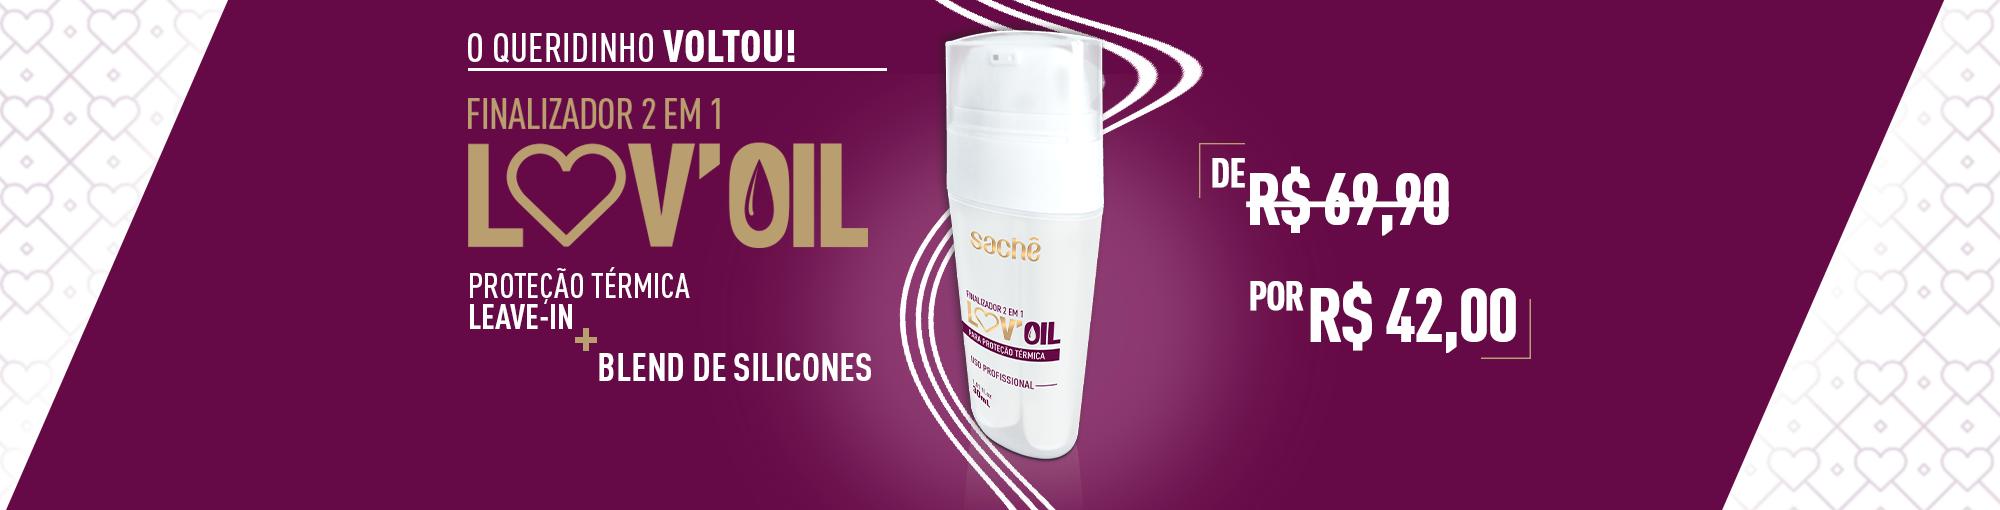 Promoção Lov Oil